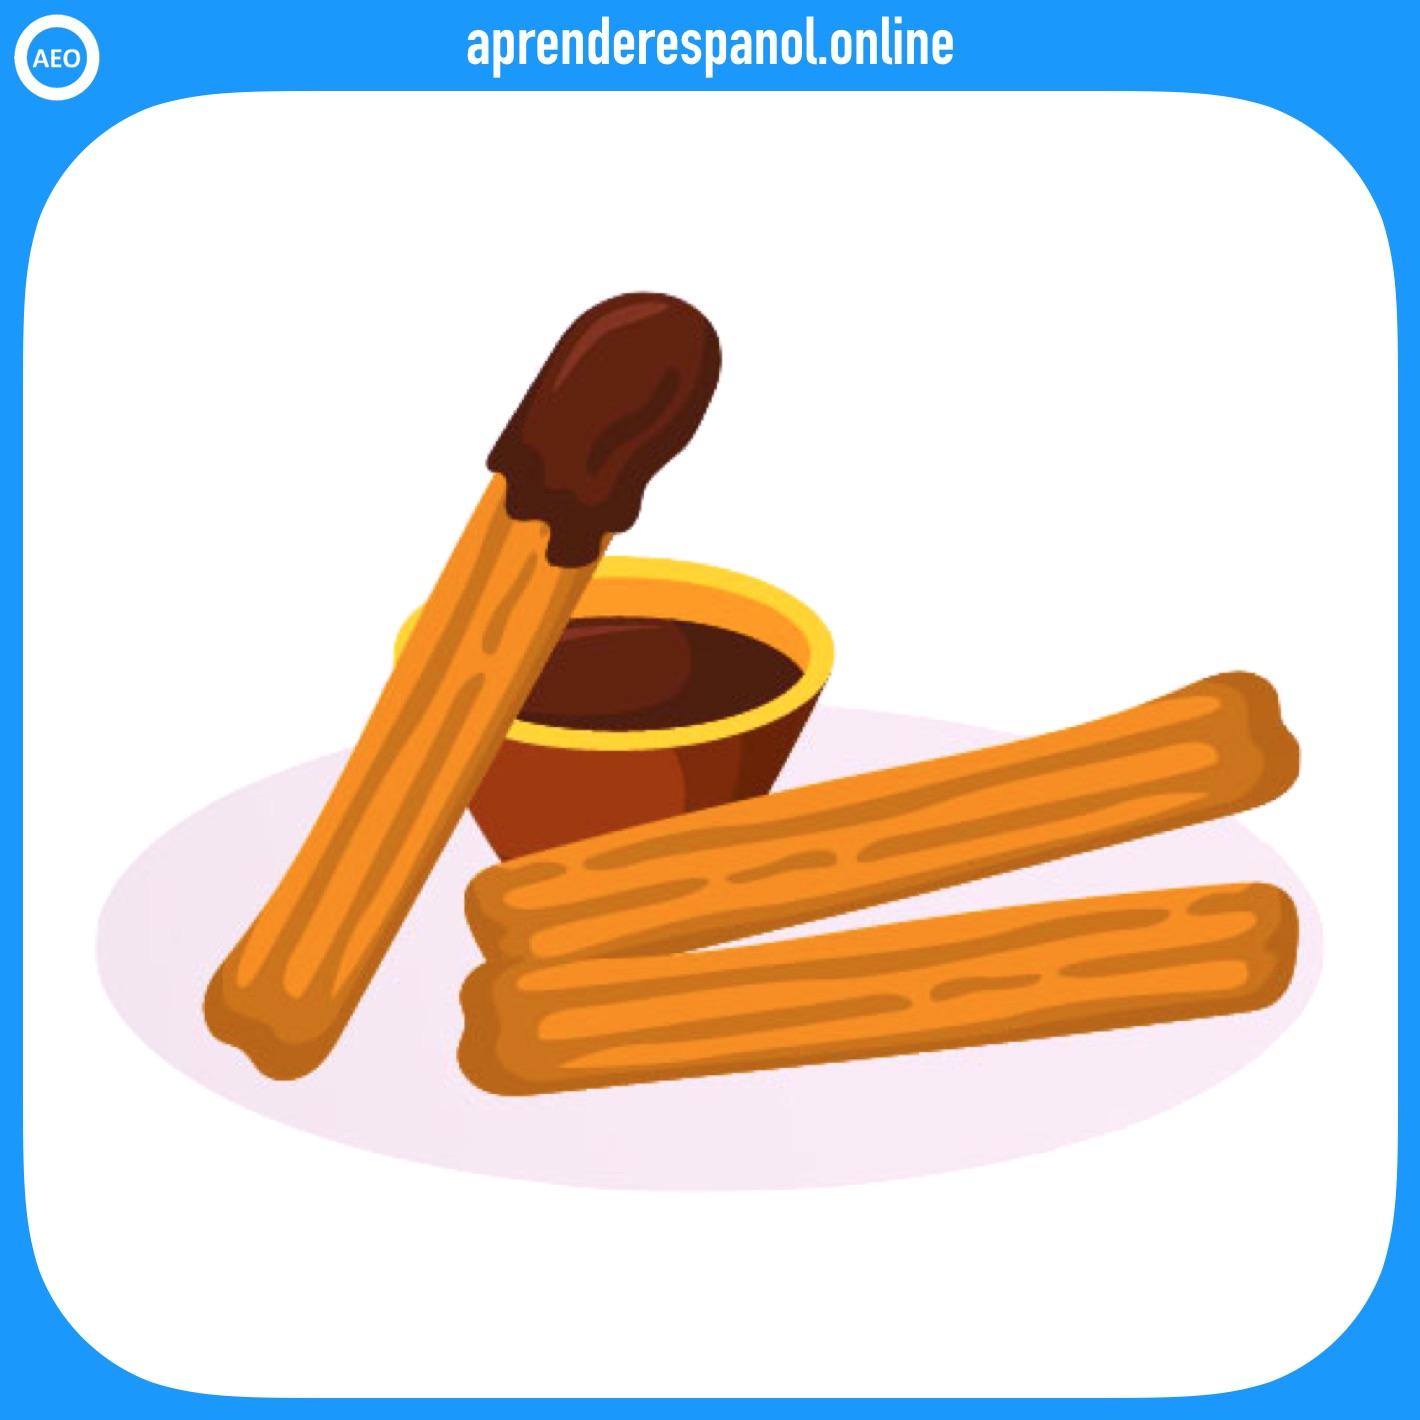 churro   postres y dulces en español   vocabulario de los postres en español